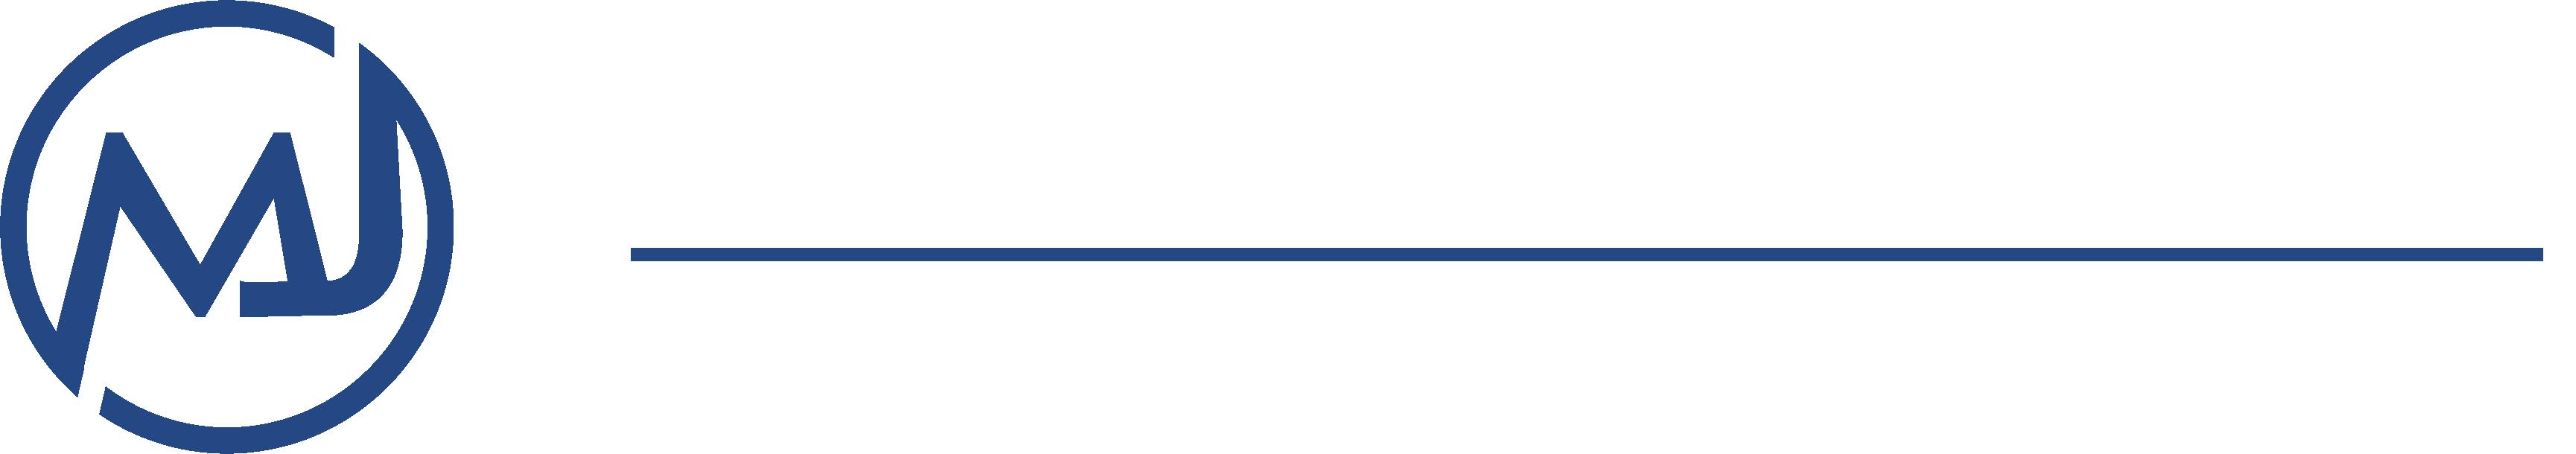 M. Jones Financial Services | Nova Scotia